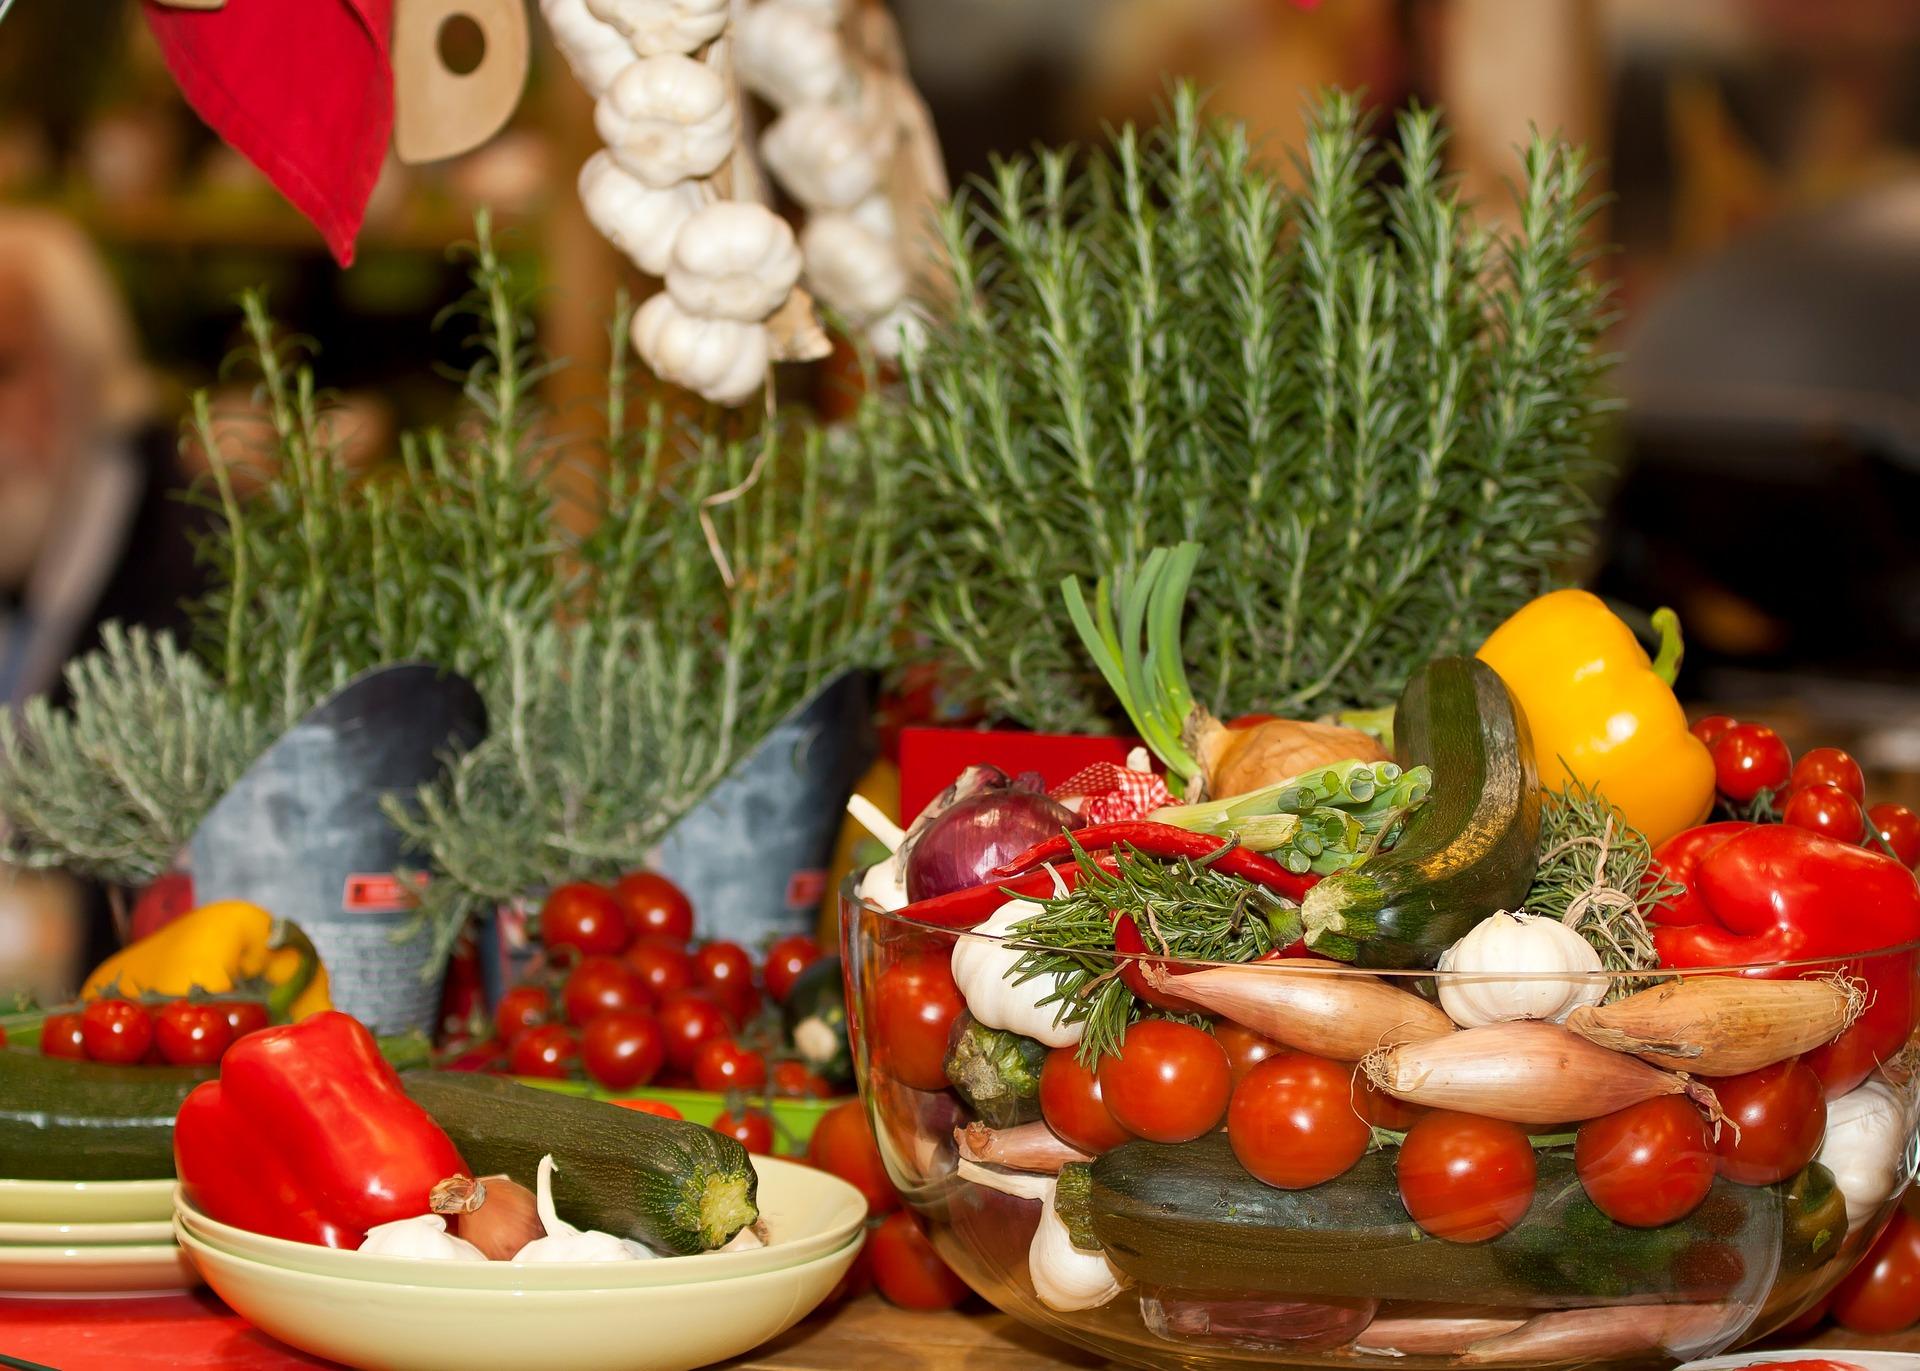 vegetables-1201413_1920